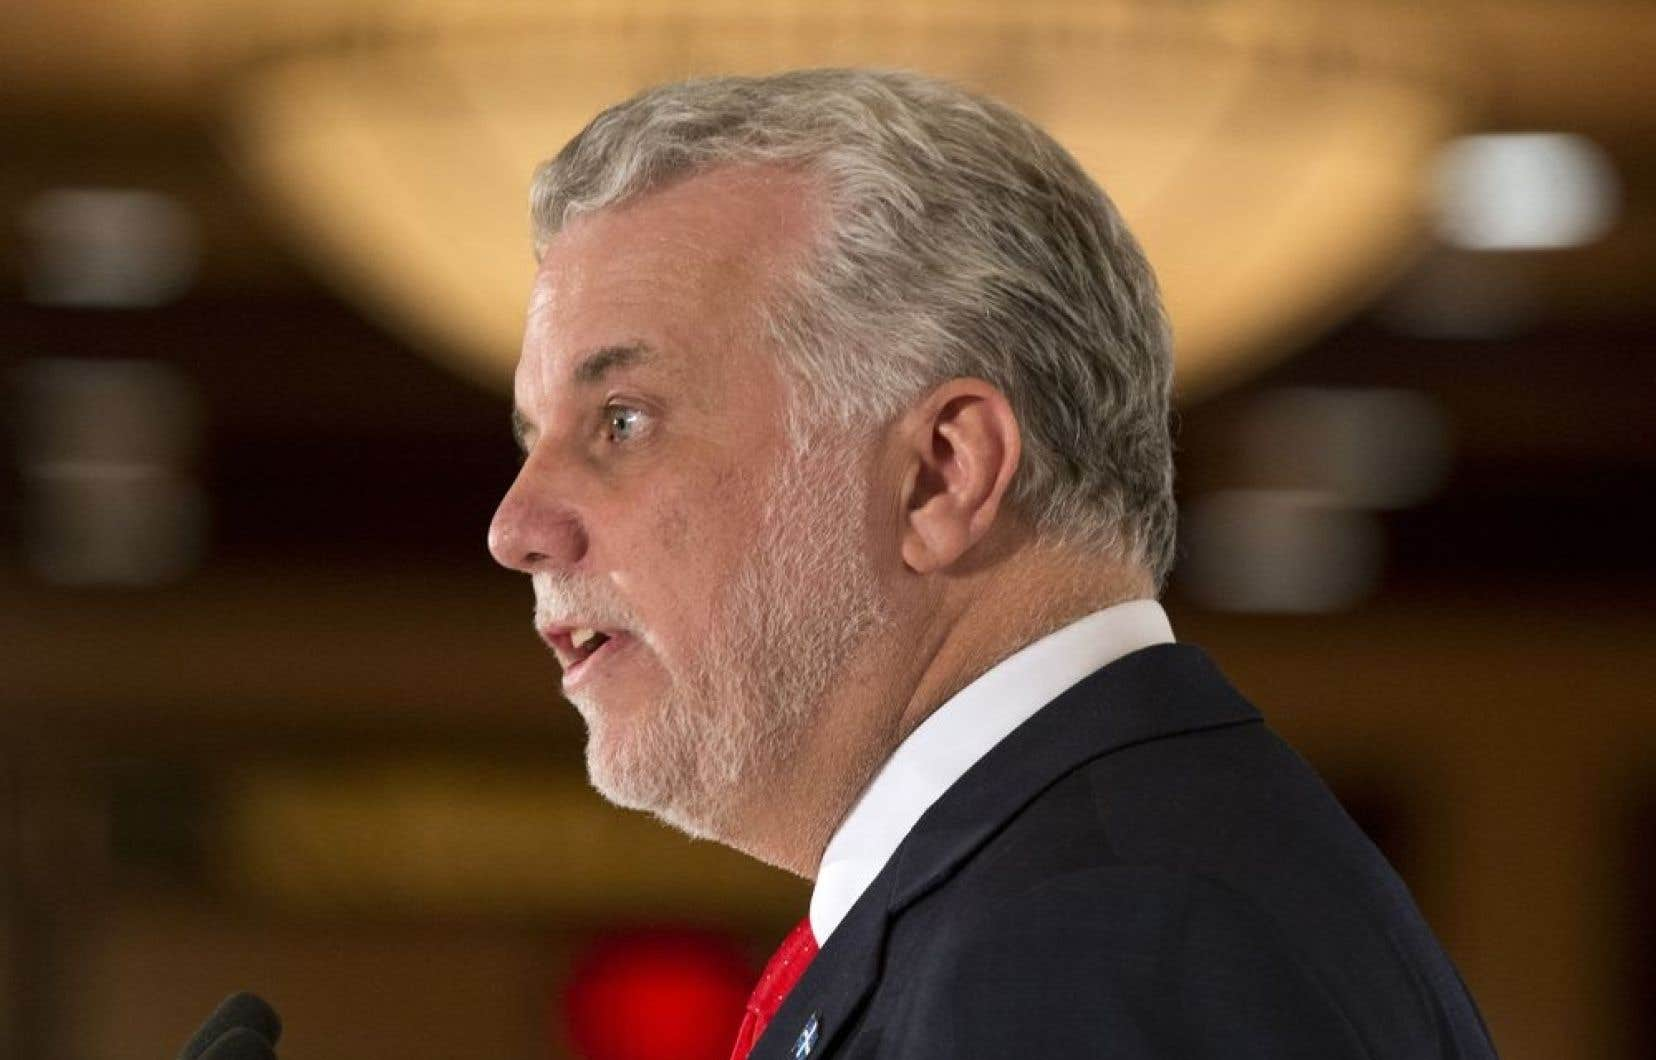 Le chef libéral Philippe Couillard a affirmé en campagne qu'il fallait hausser les droits de l'ensemble des étudiants des pays francophones au niveau de ceux déjà payés par les étudiants des autres provinces canadiennes.